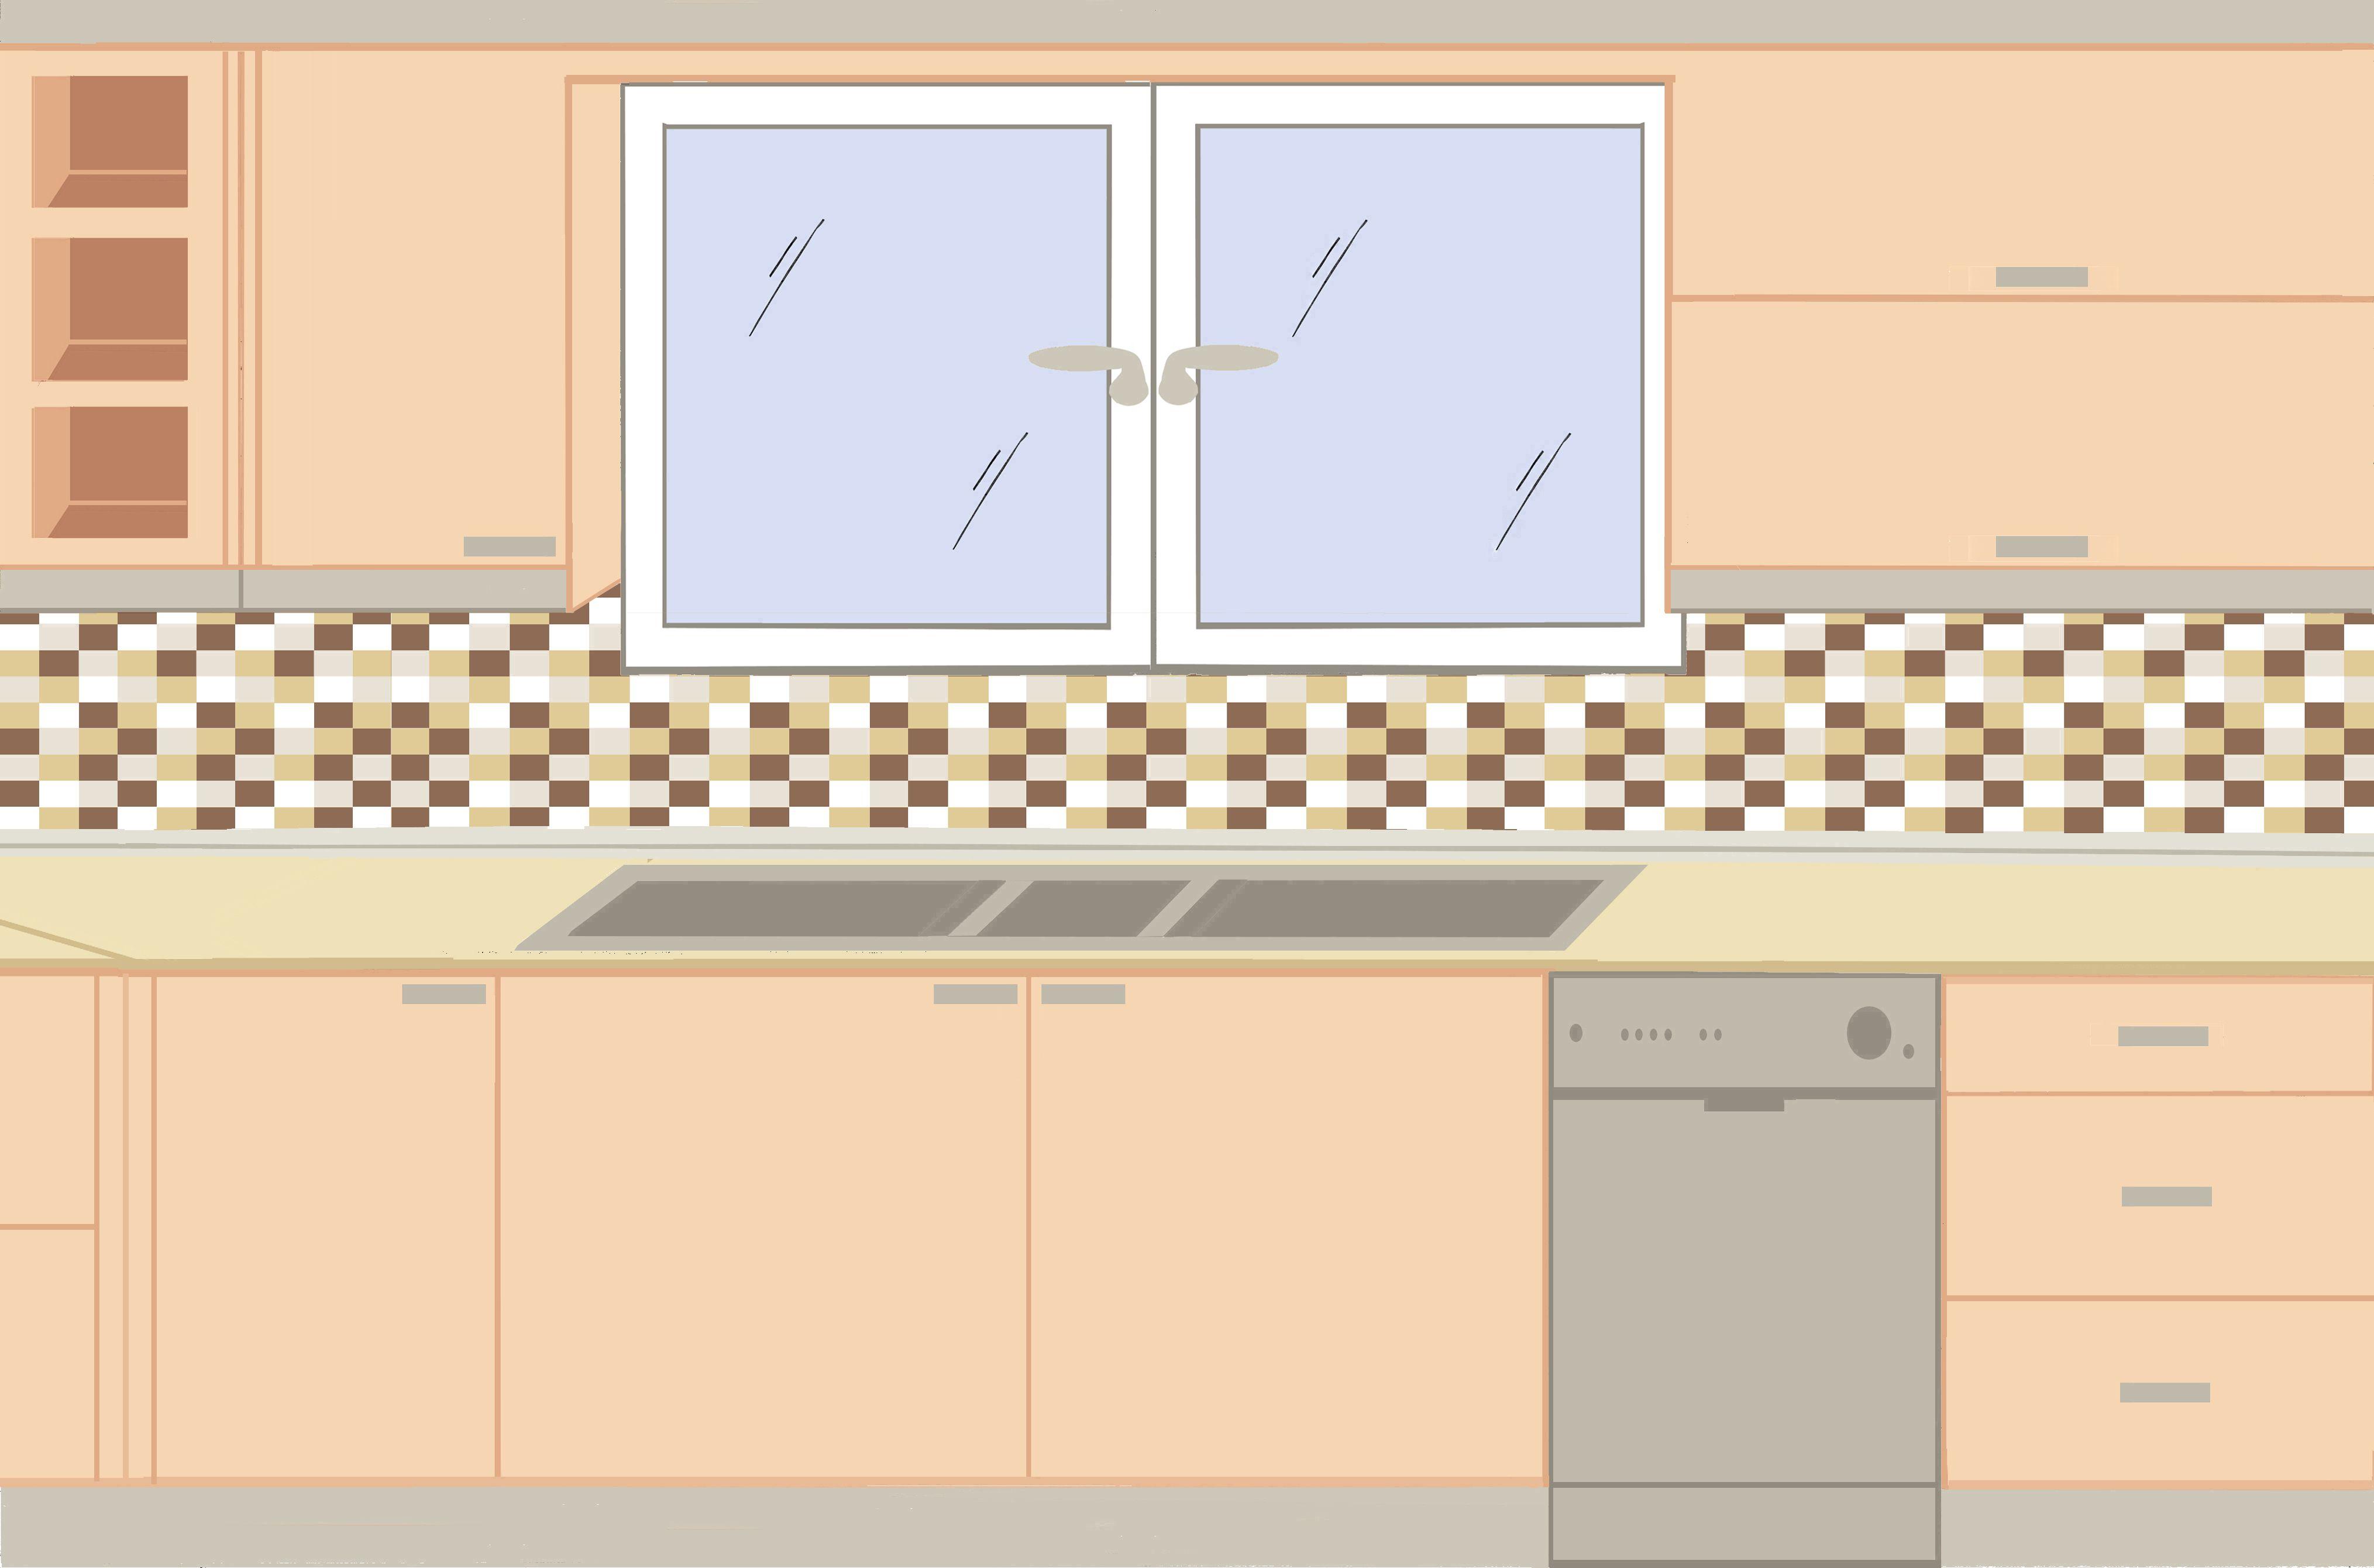 Κουζίνα γωνιακή σχέδιο Β | Έπιπλα & διακόσμηση σπιτιού (furniture ...